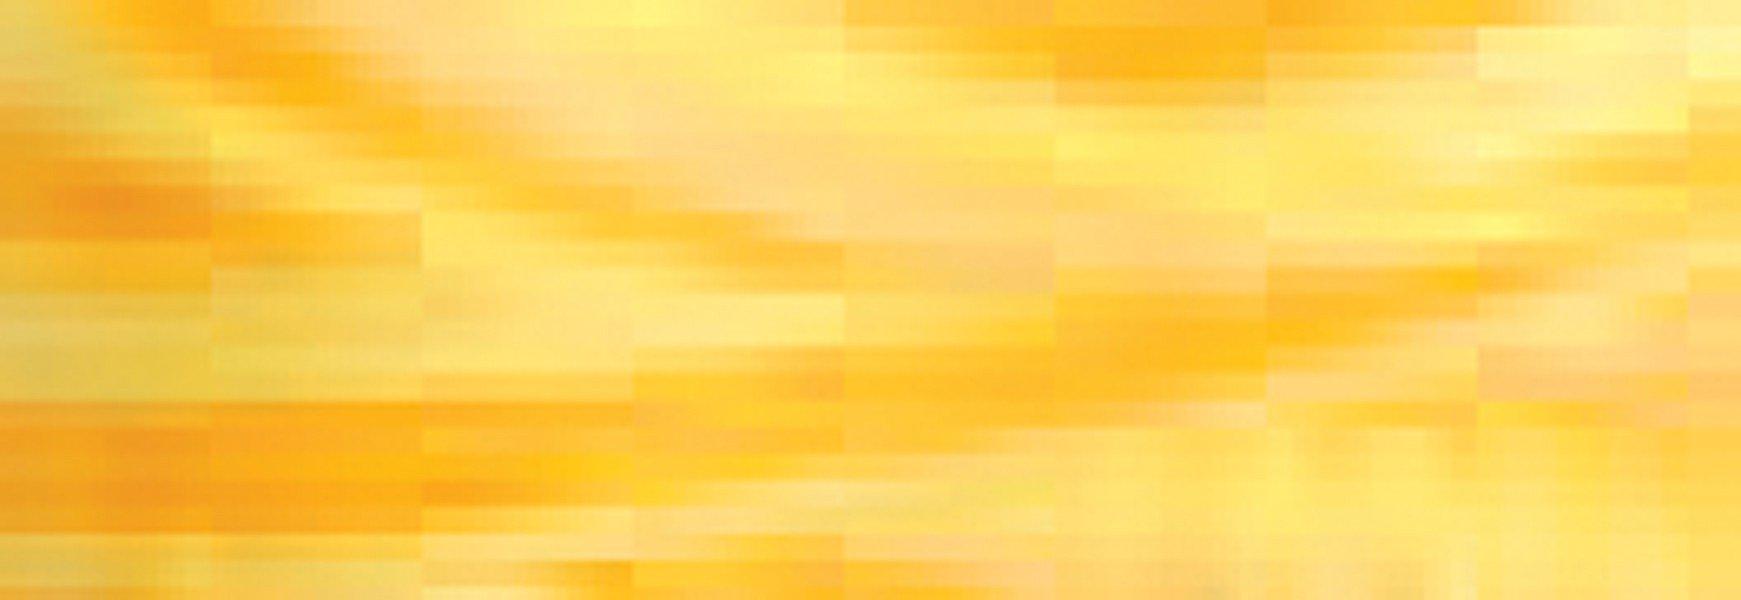 Cotton 40wt Thread 700yd - Variegated Brassy Oranges